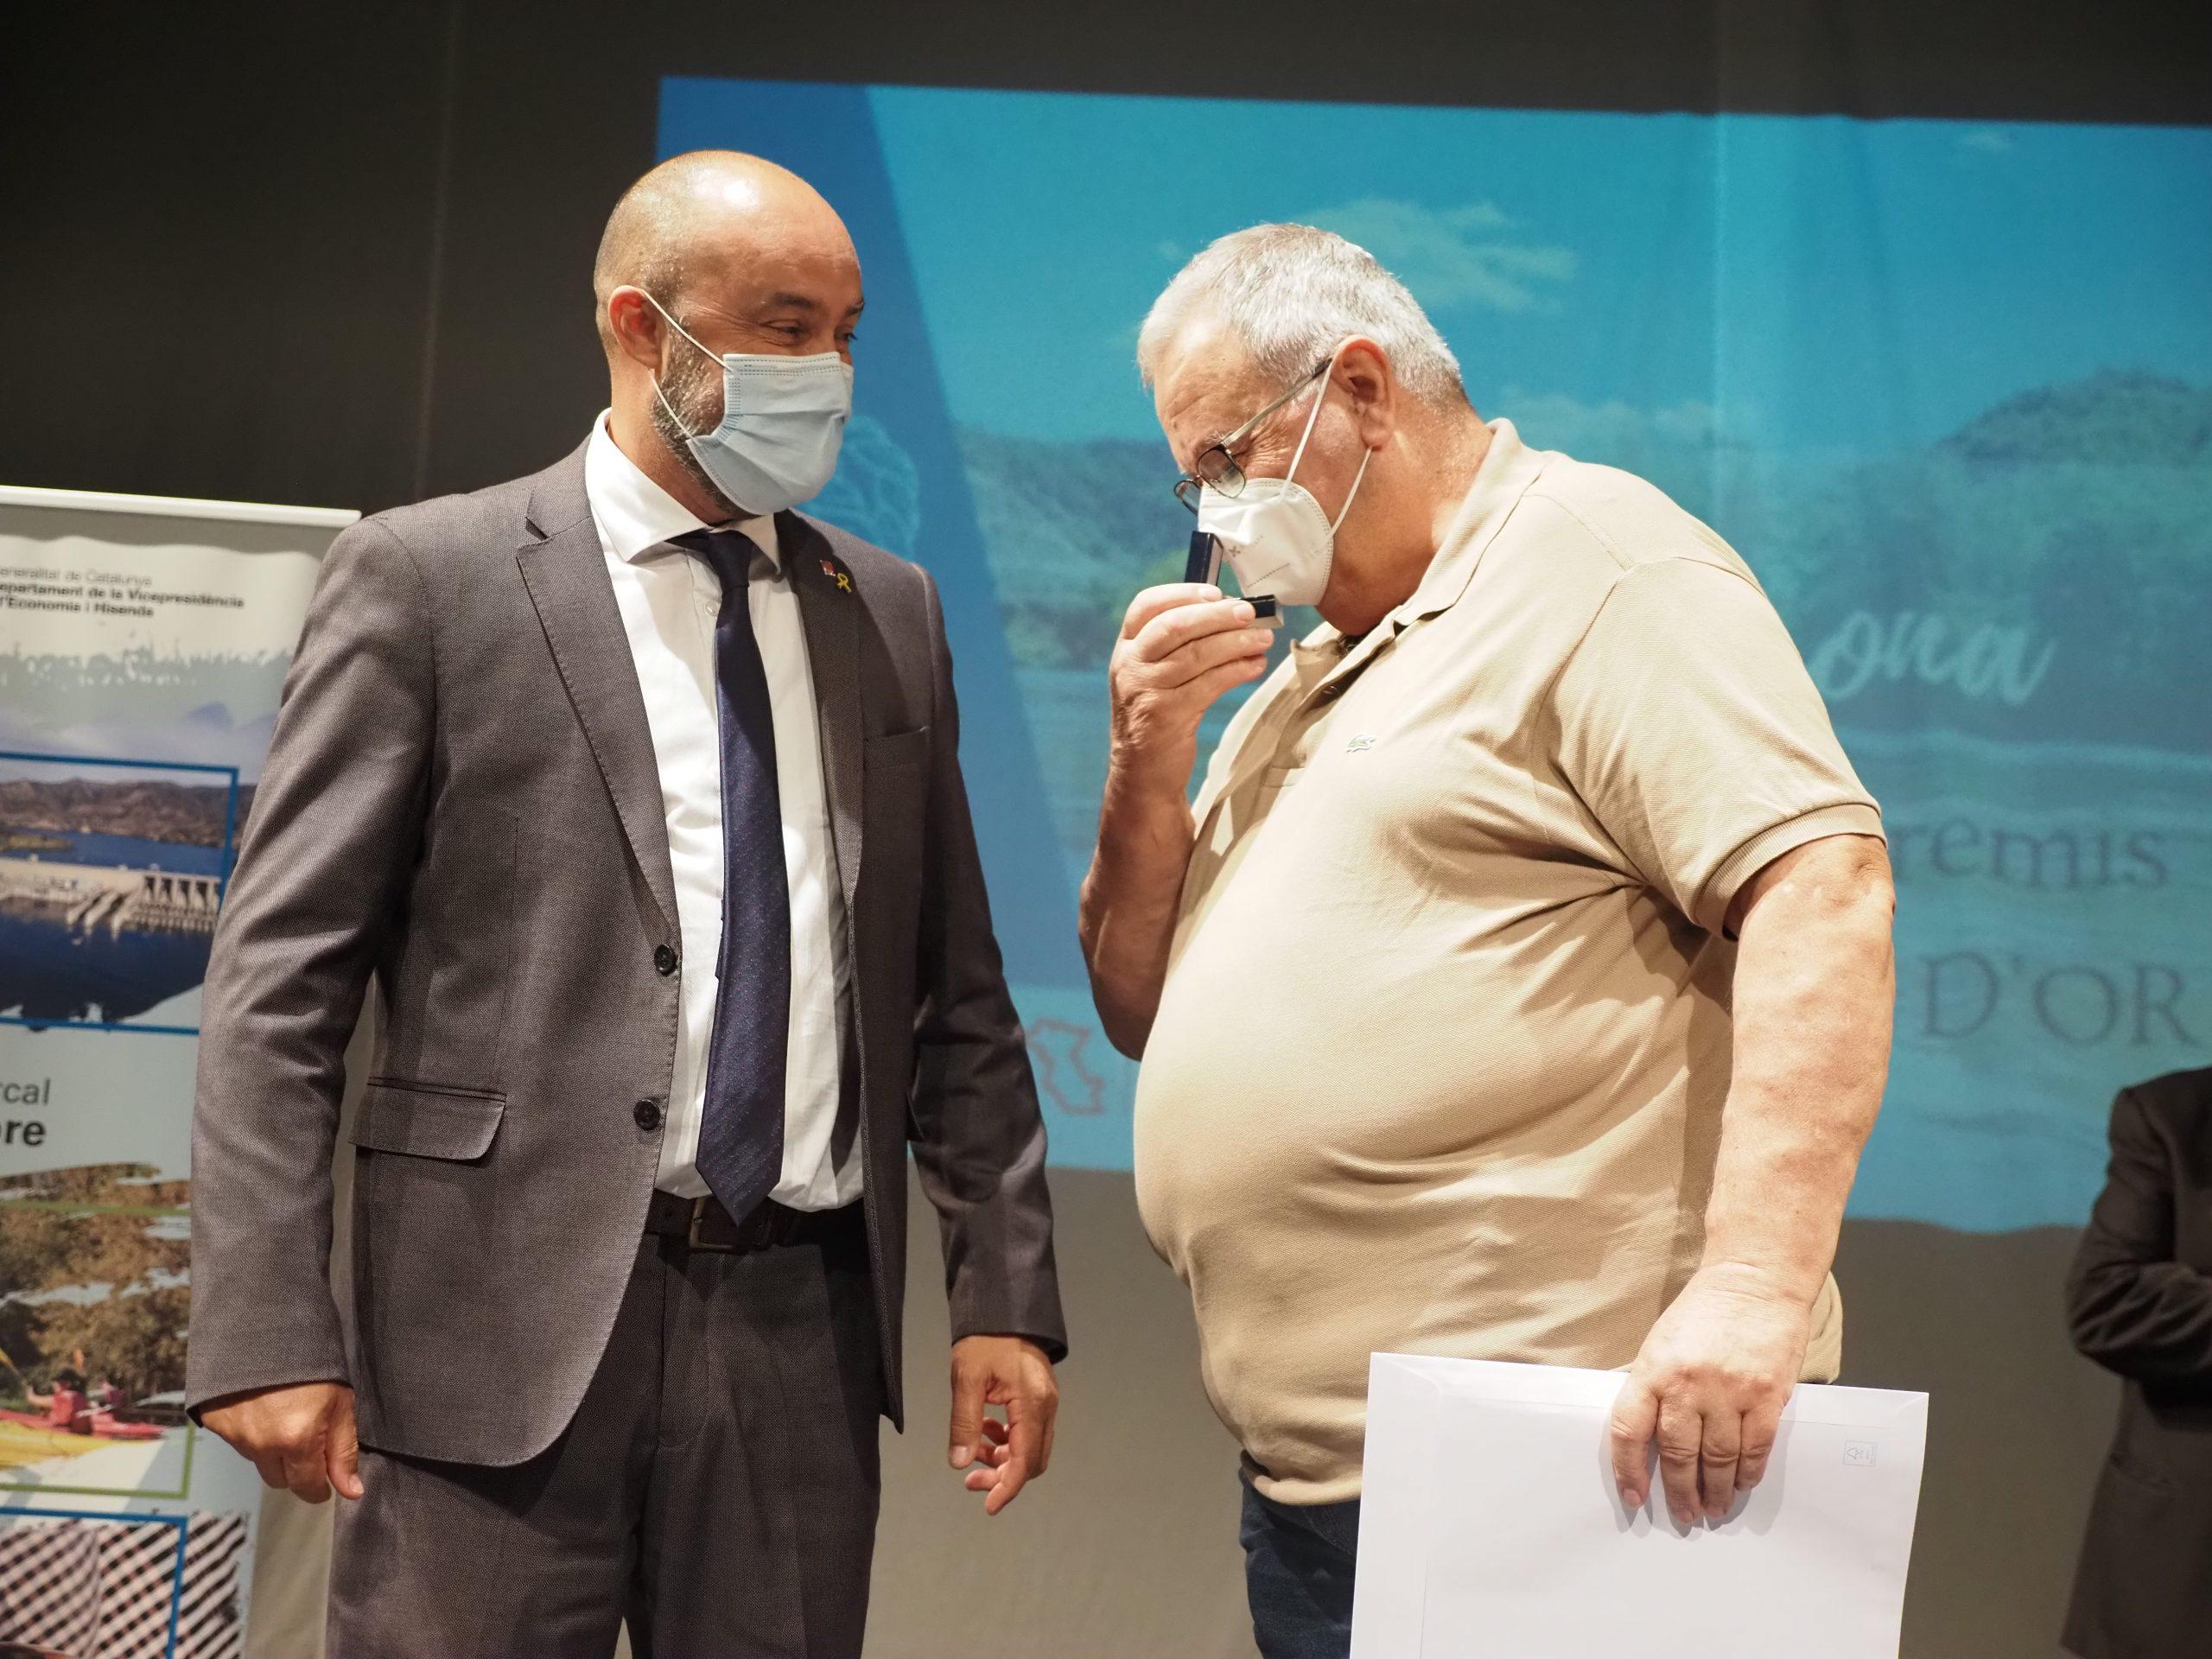 Aquesta imatge té l'atribut alt buit; el seu nom és Premis-Sirga-dOr-2020_-Albert-Salvado-delegat-del-govern-i-Josep-Maria-Pros-premiat-categoria-persona-scaled.jpg